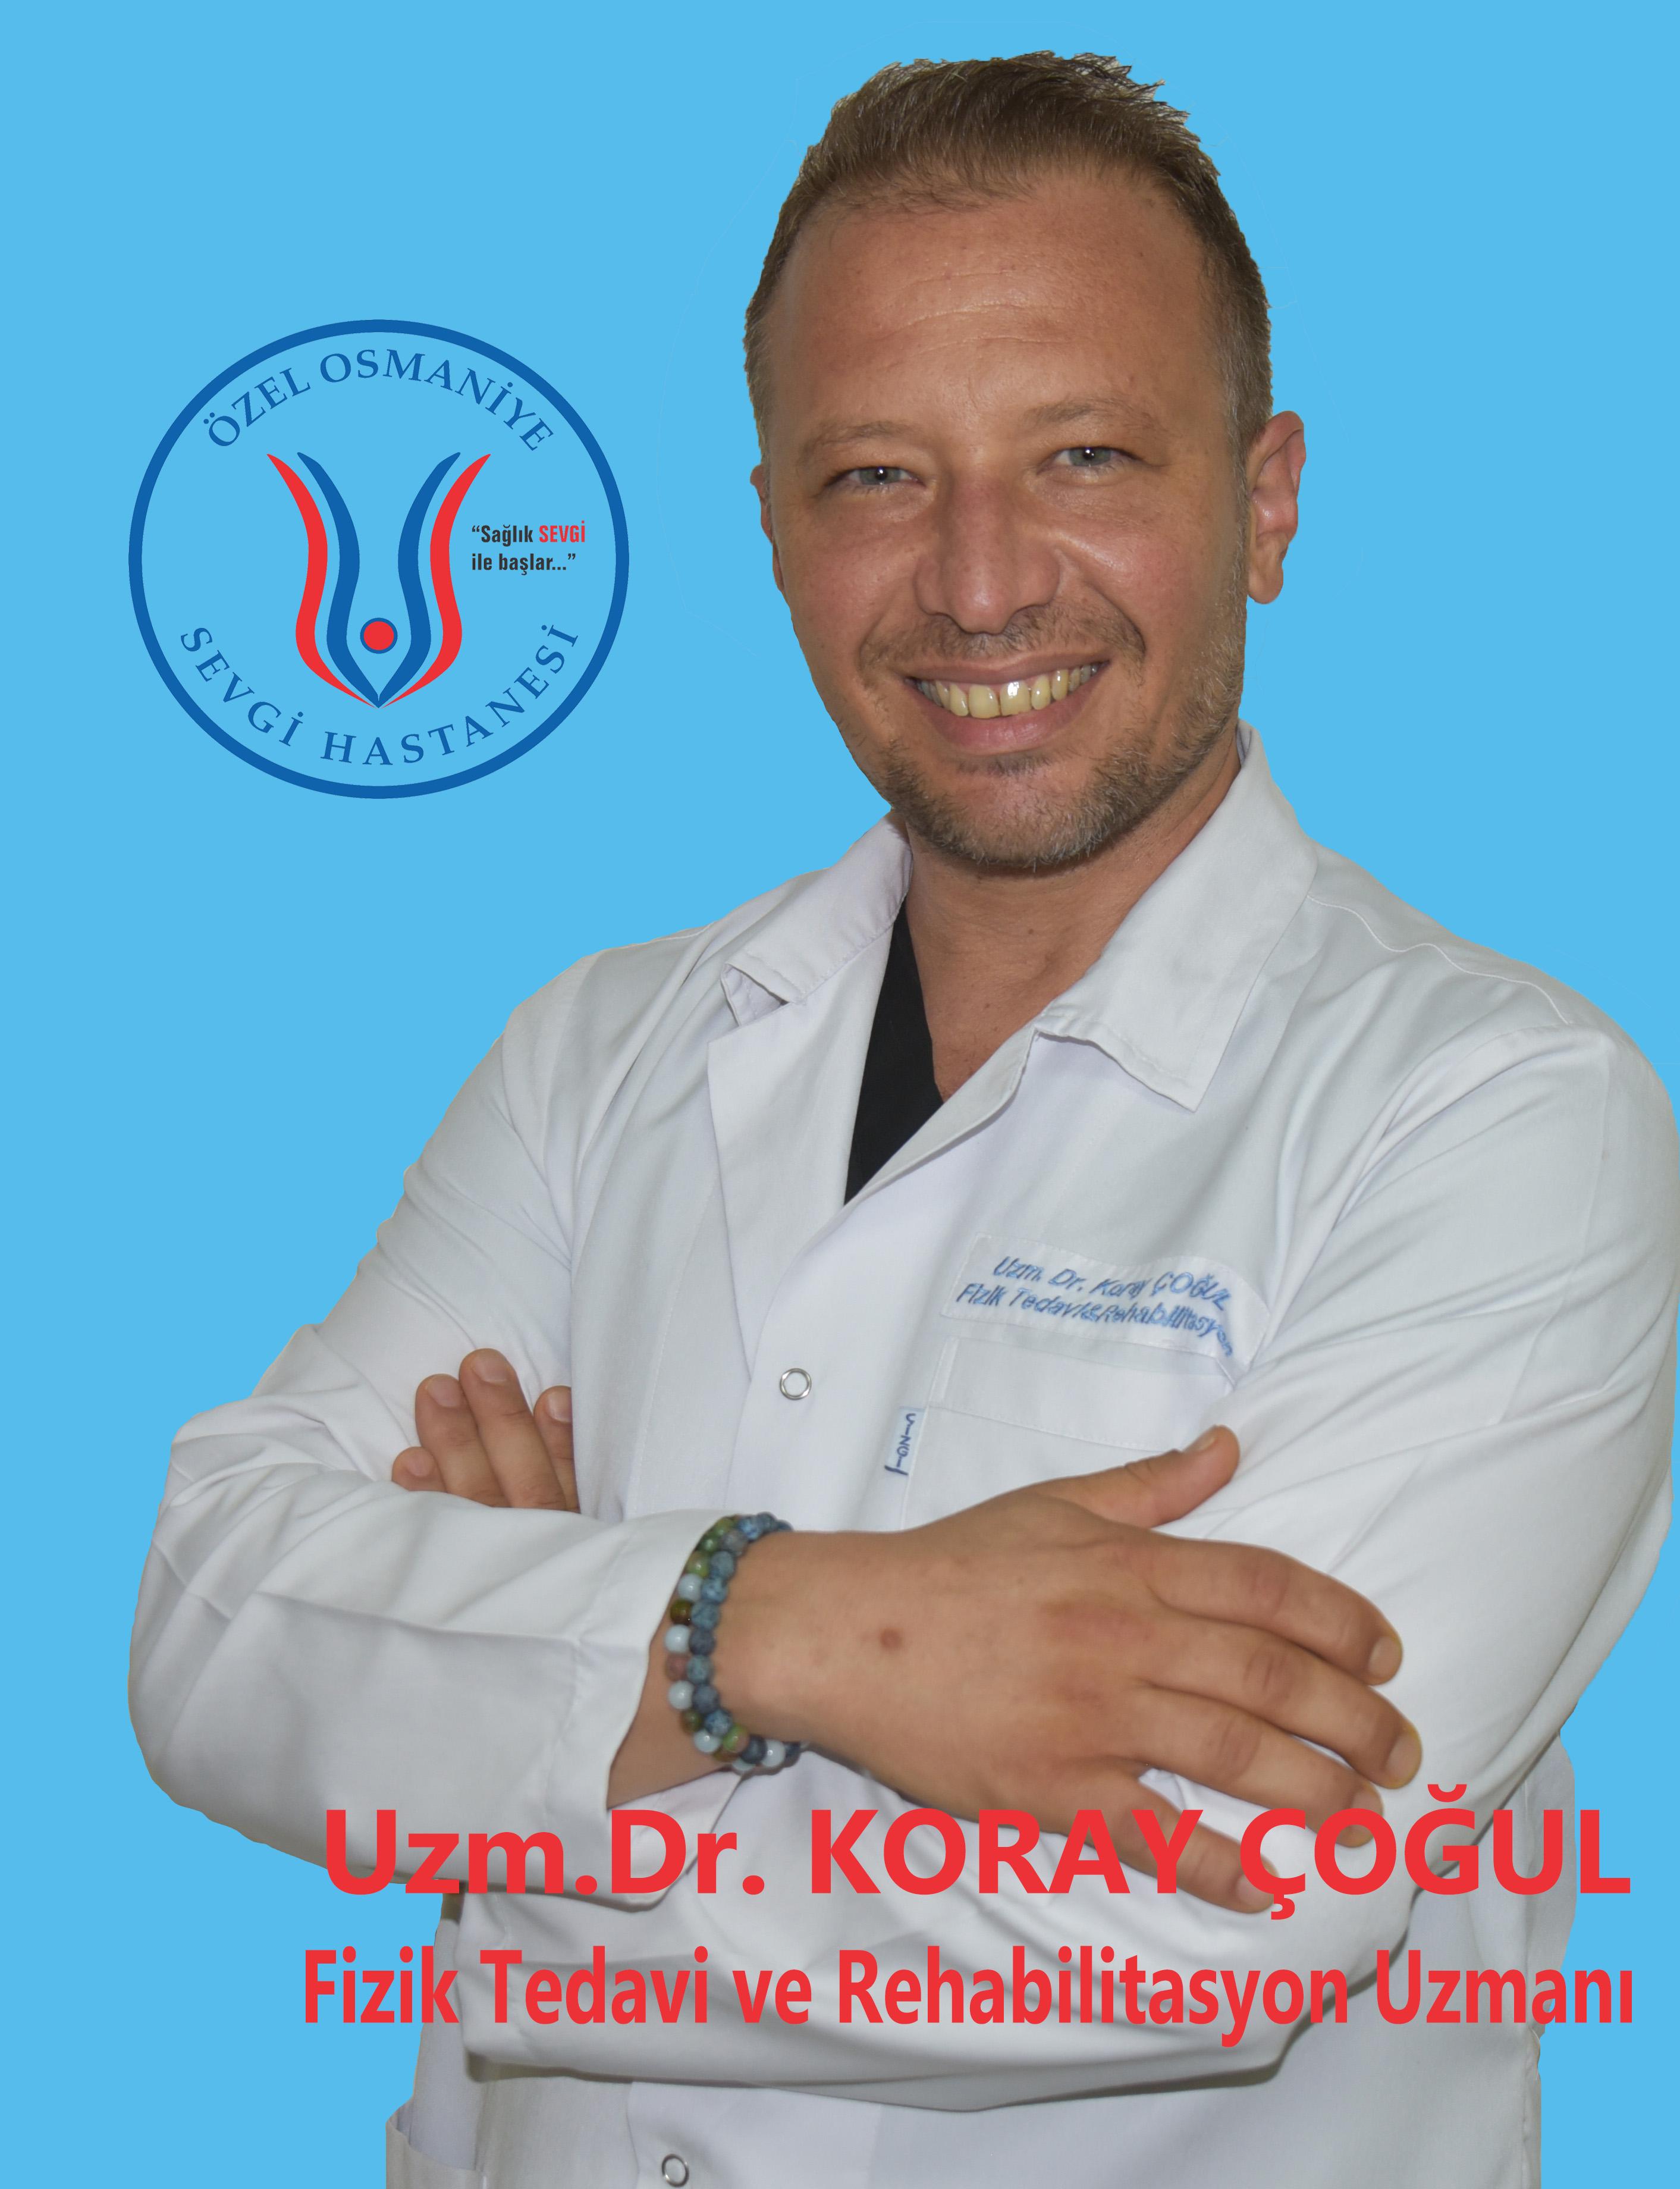 Uzm. Dr. Koray ÇOĞUL / Fizik Tedavi ve Rehabilitasyon Uzmanı